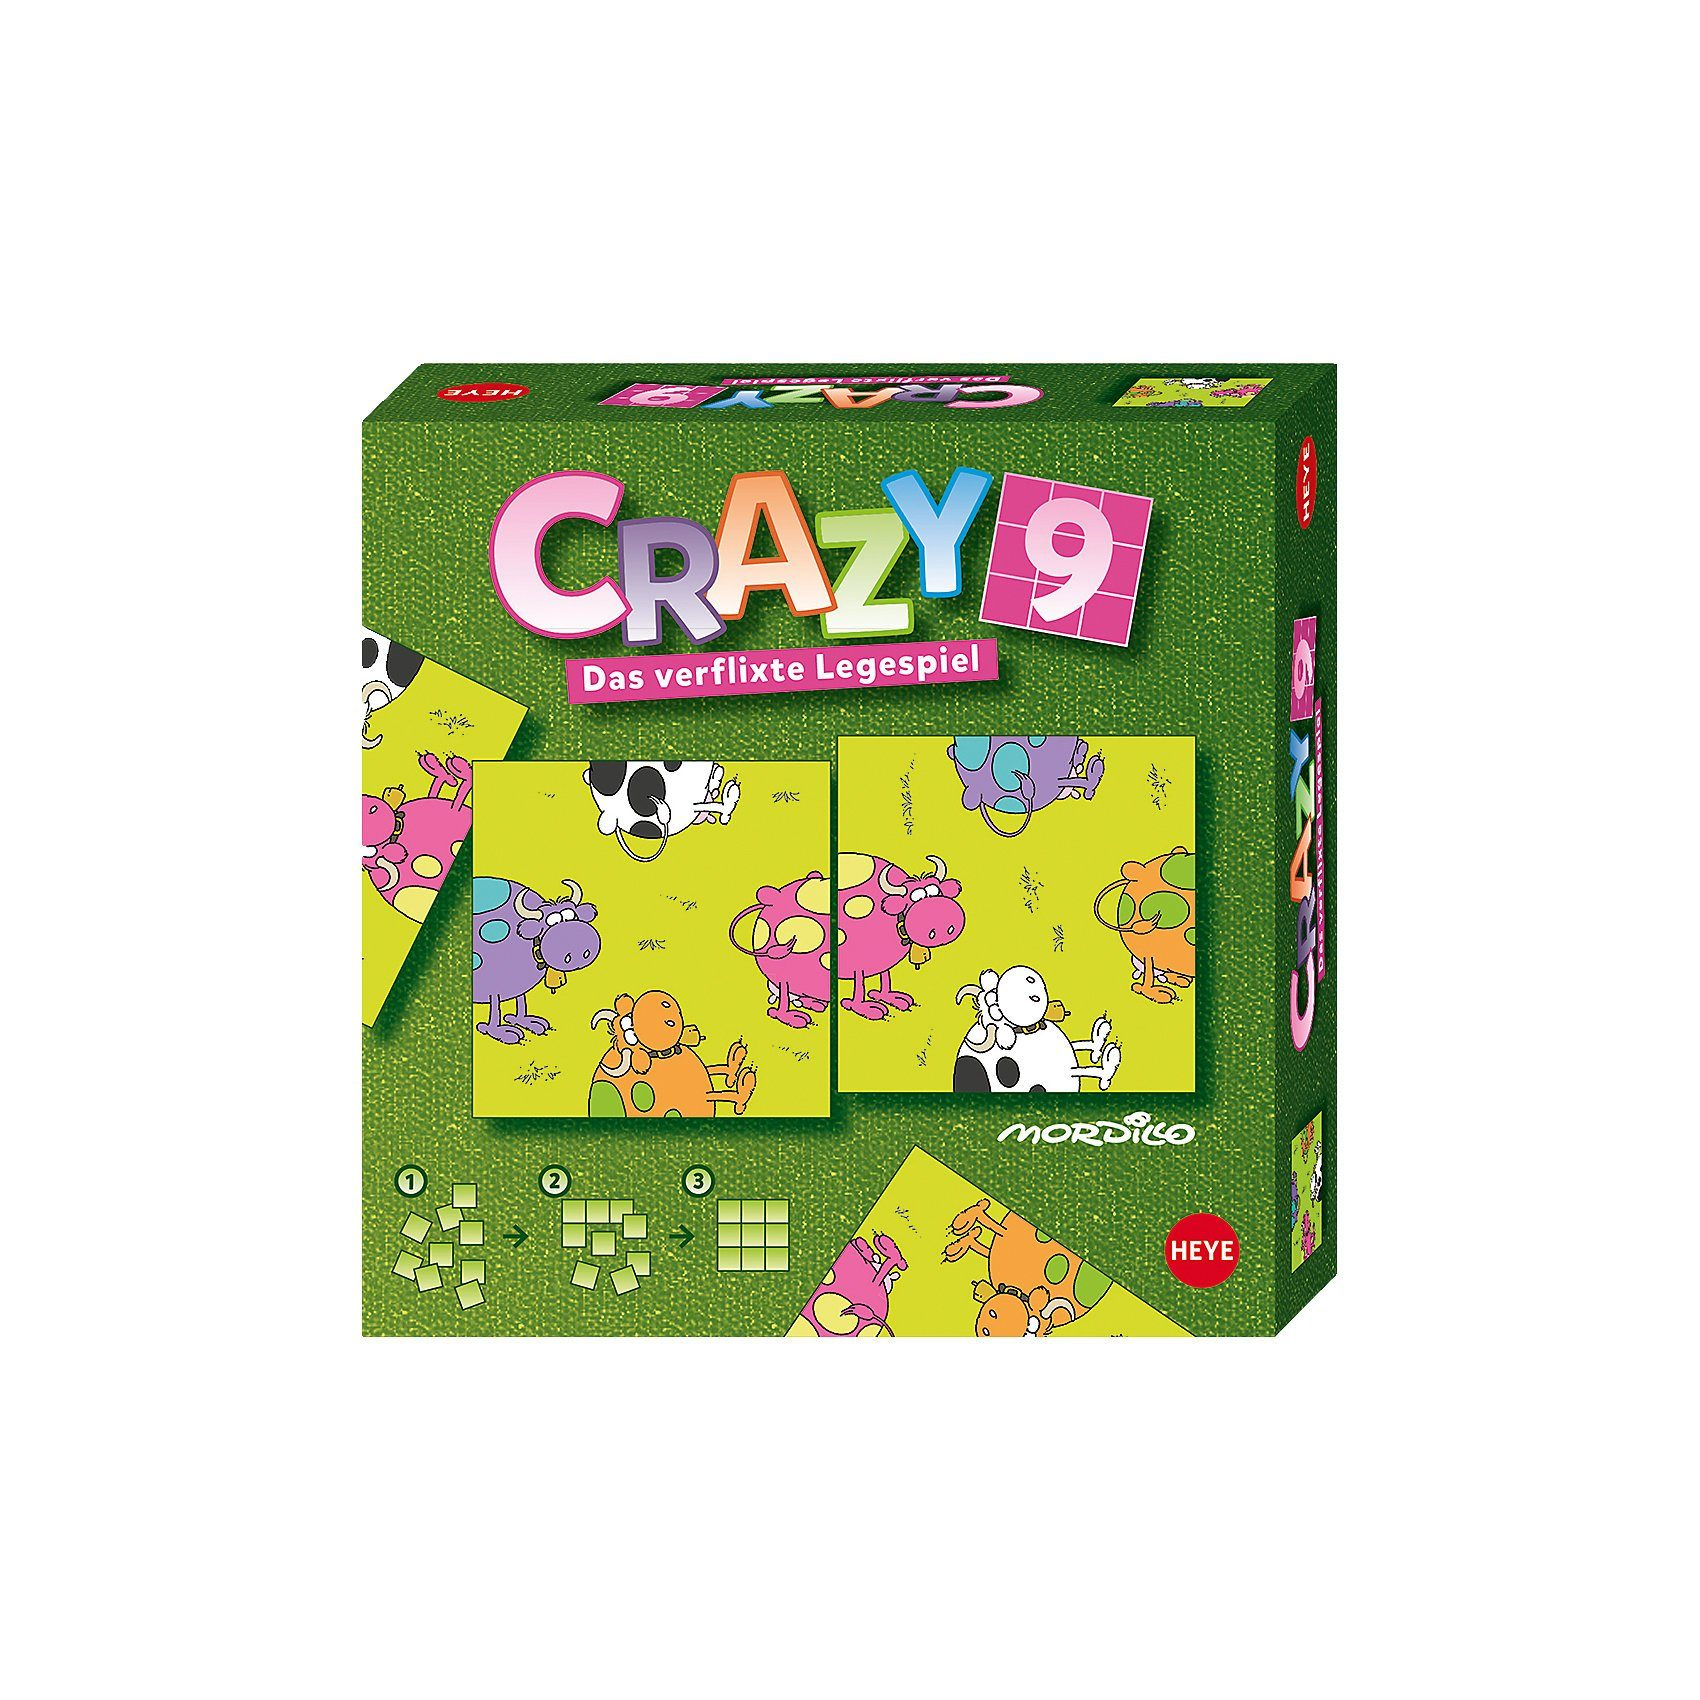 HEYE Crazy9 - Mordillo Kühe